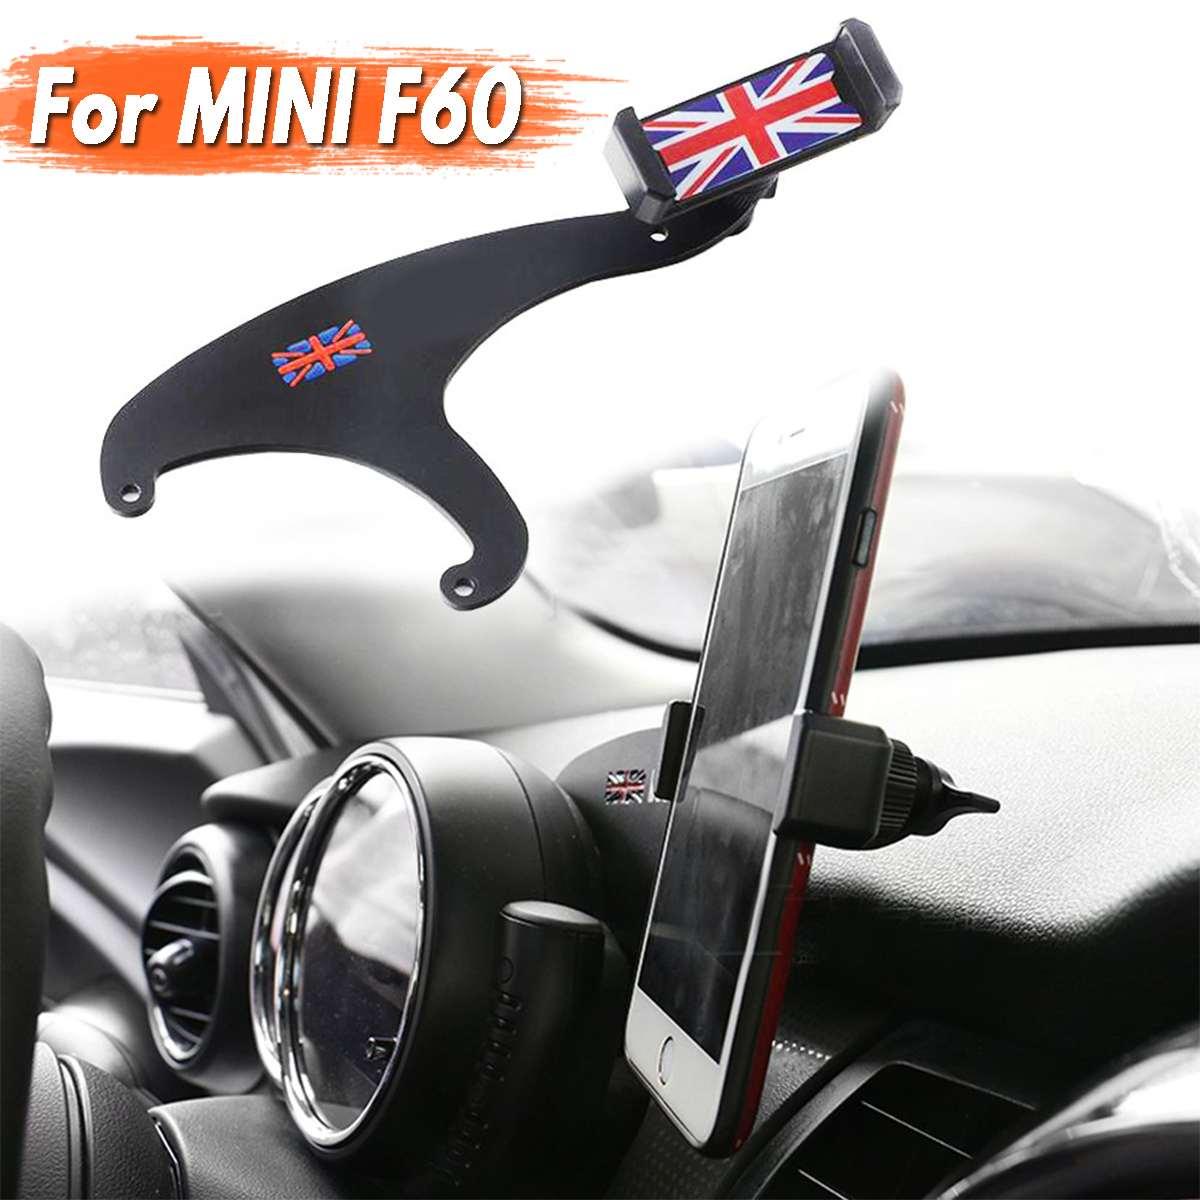 Auto Steering Wheel Phone Holder For BMW For Mini Cooper Cooper S R55 R56 R60 R61 F54 F55 F56 F60 Mini Countryman steering wheel phone holder